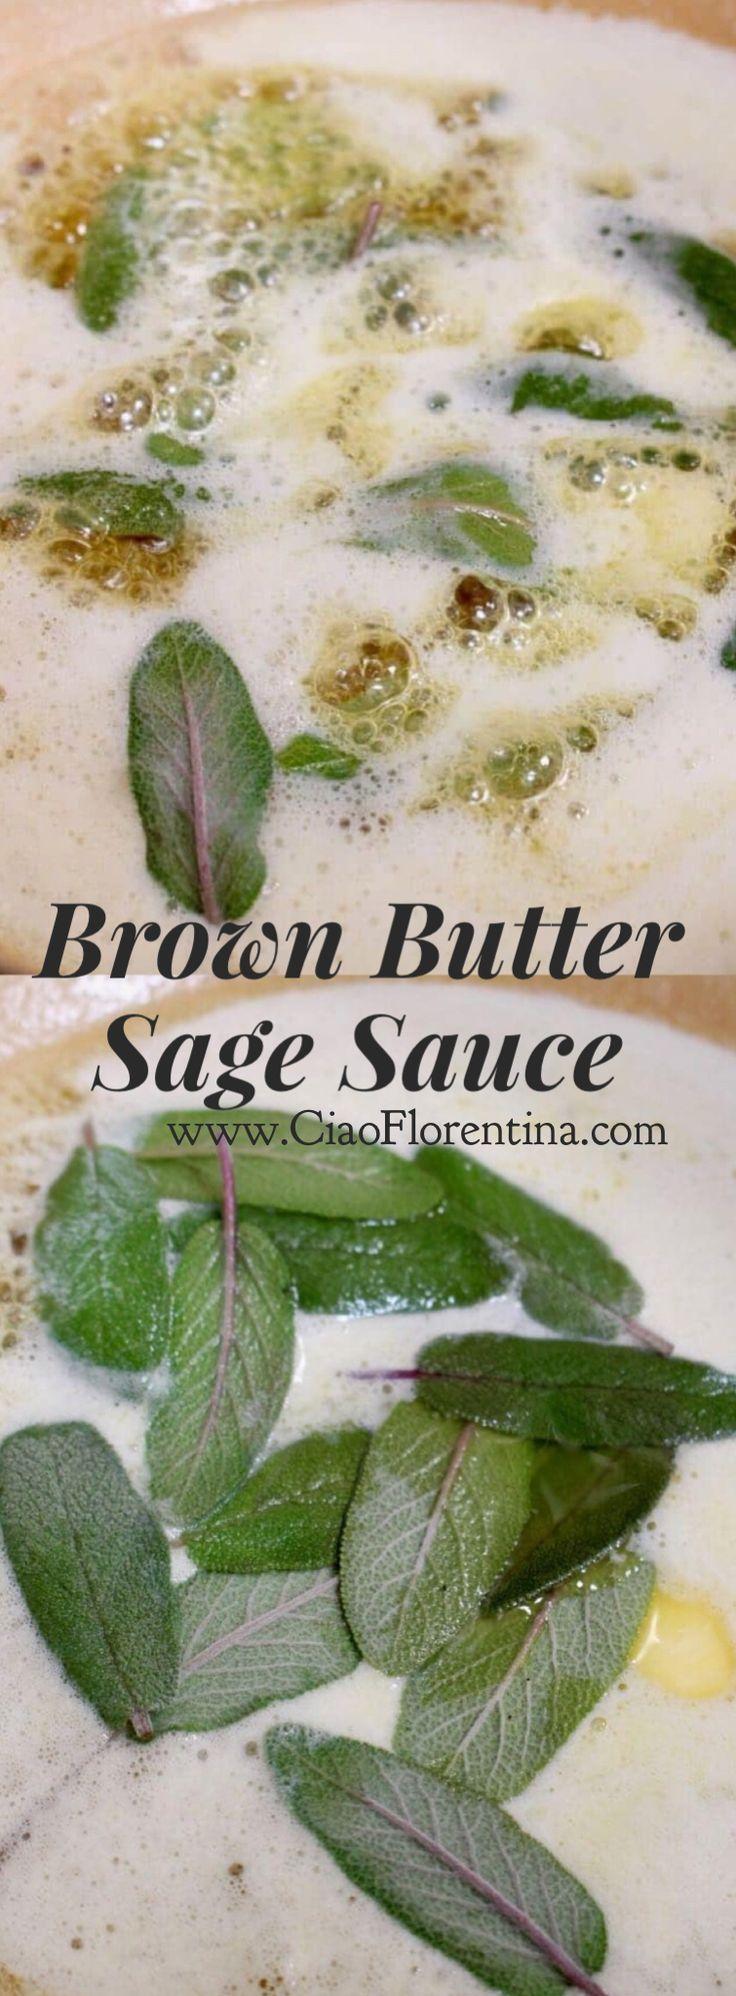 Brown Butter Sage Sauce Recipe | CiaoFlorentina.com @CiaoFlorentina